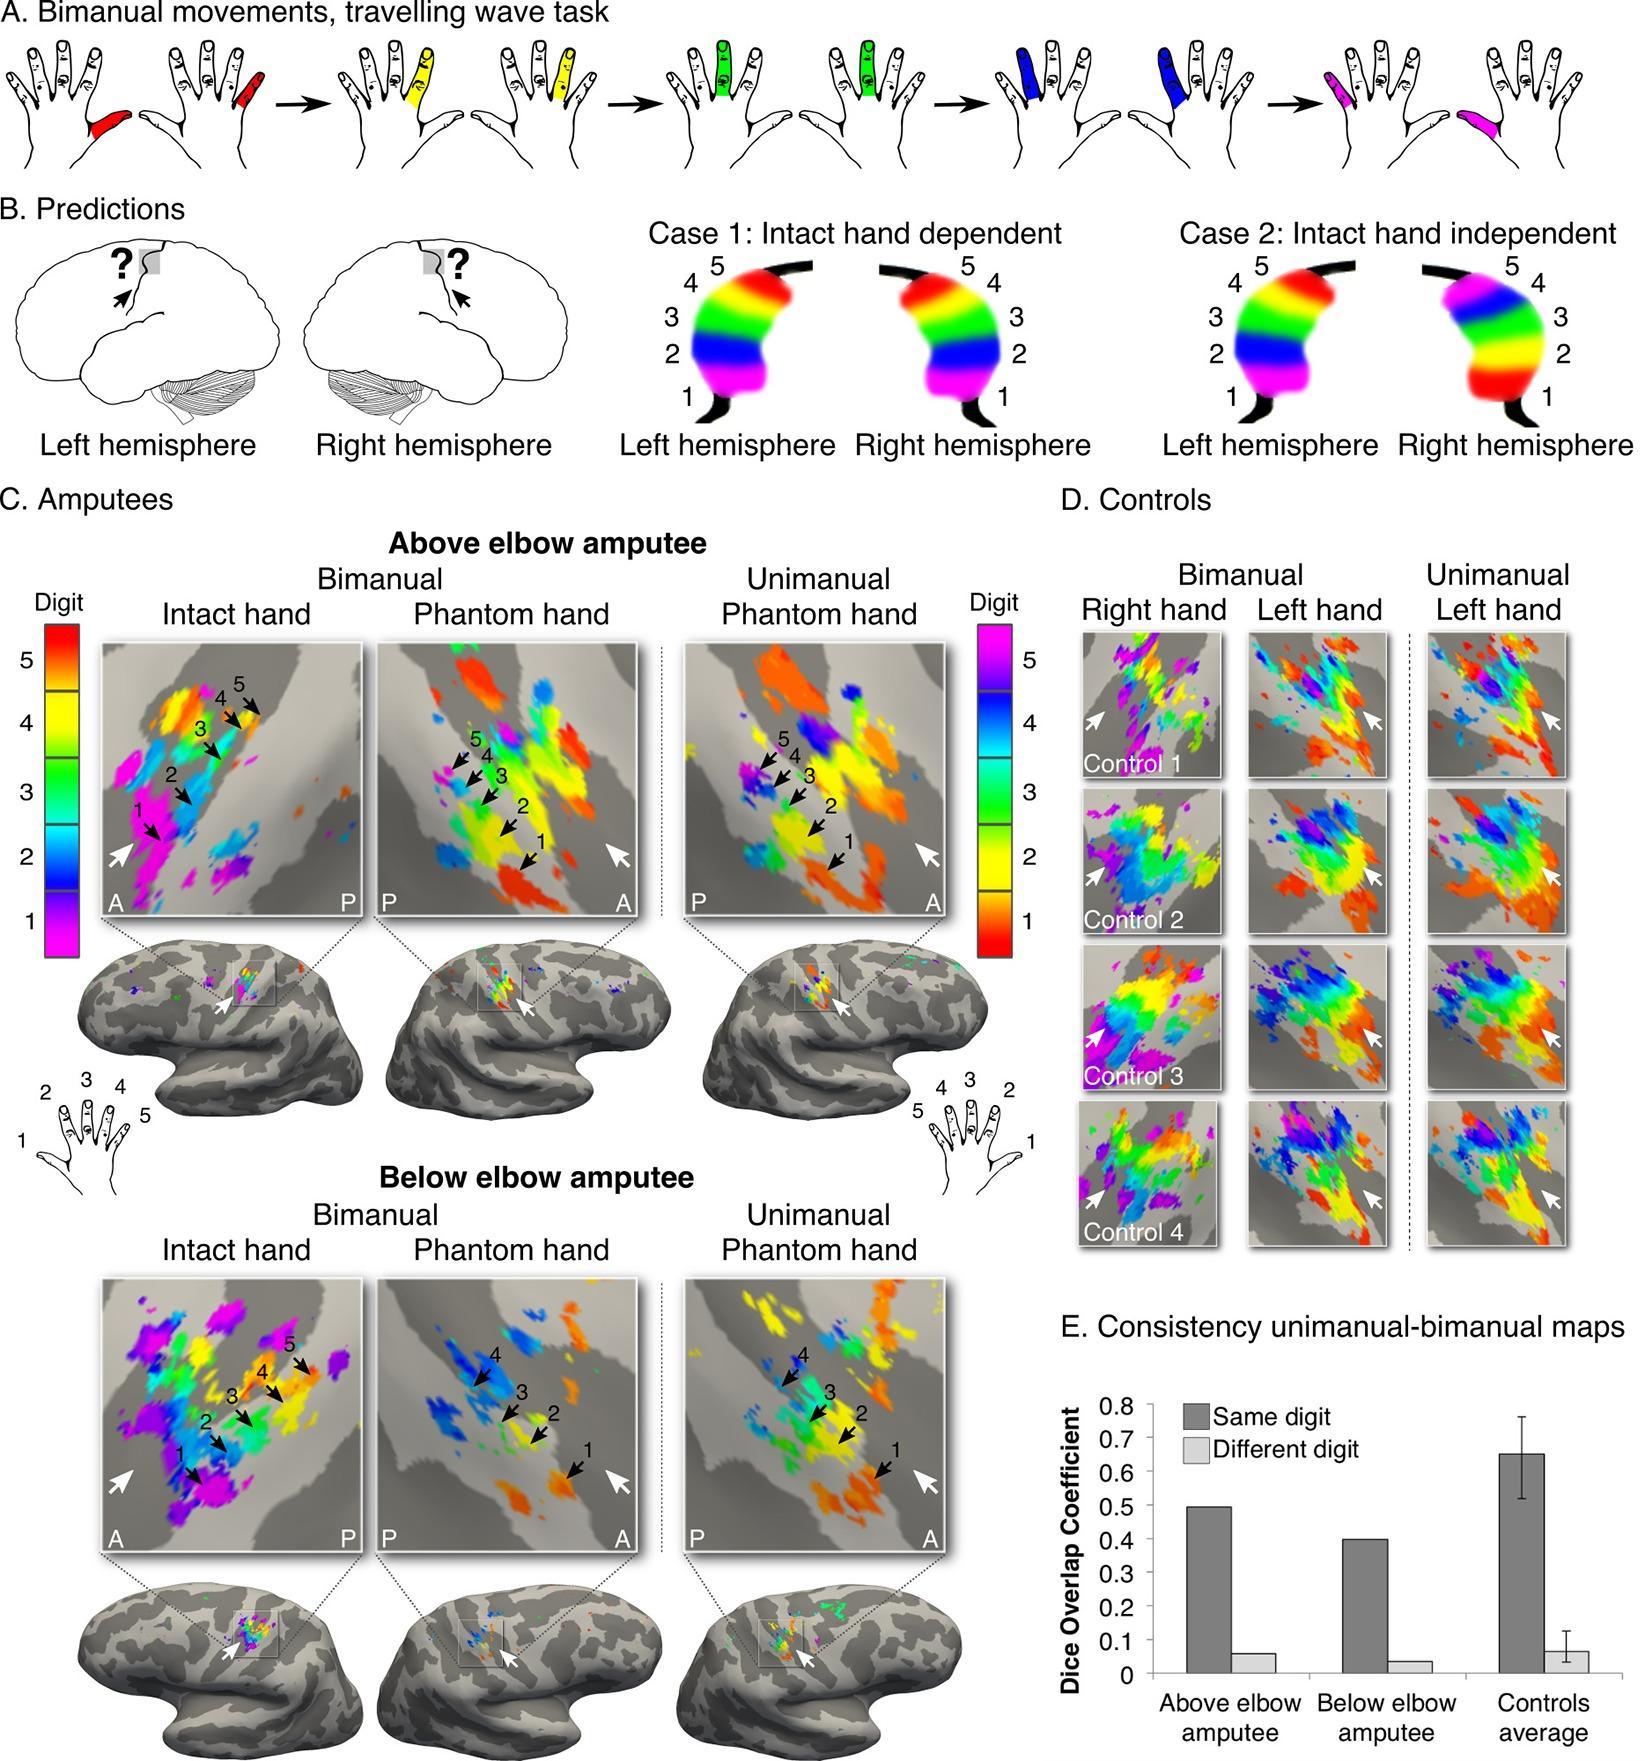 Мозг человека помнит ампутированные конечности даже через десятки лет